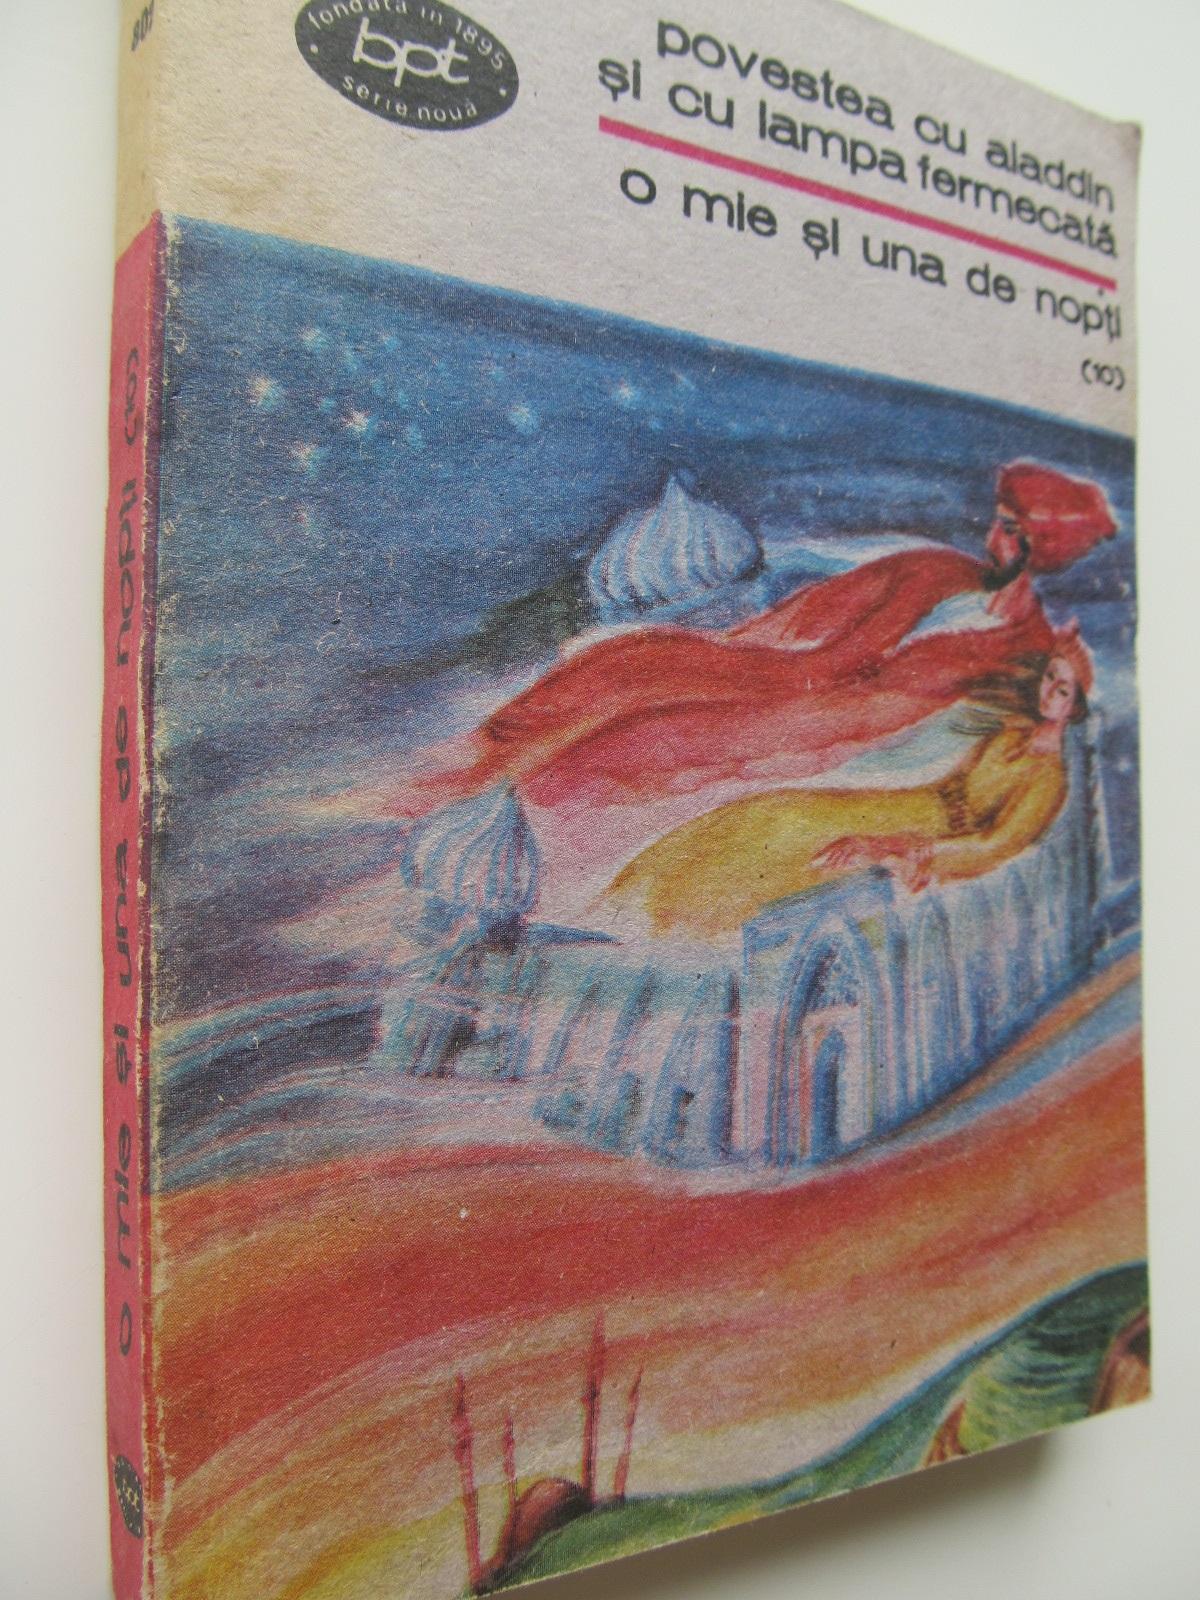 Carte Povestea cu Aladdin si cu lampa fermecata - 1001 nopti (10) - ***